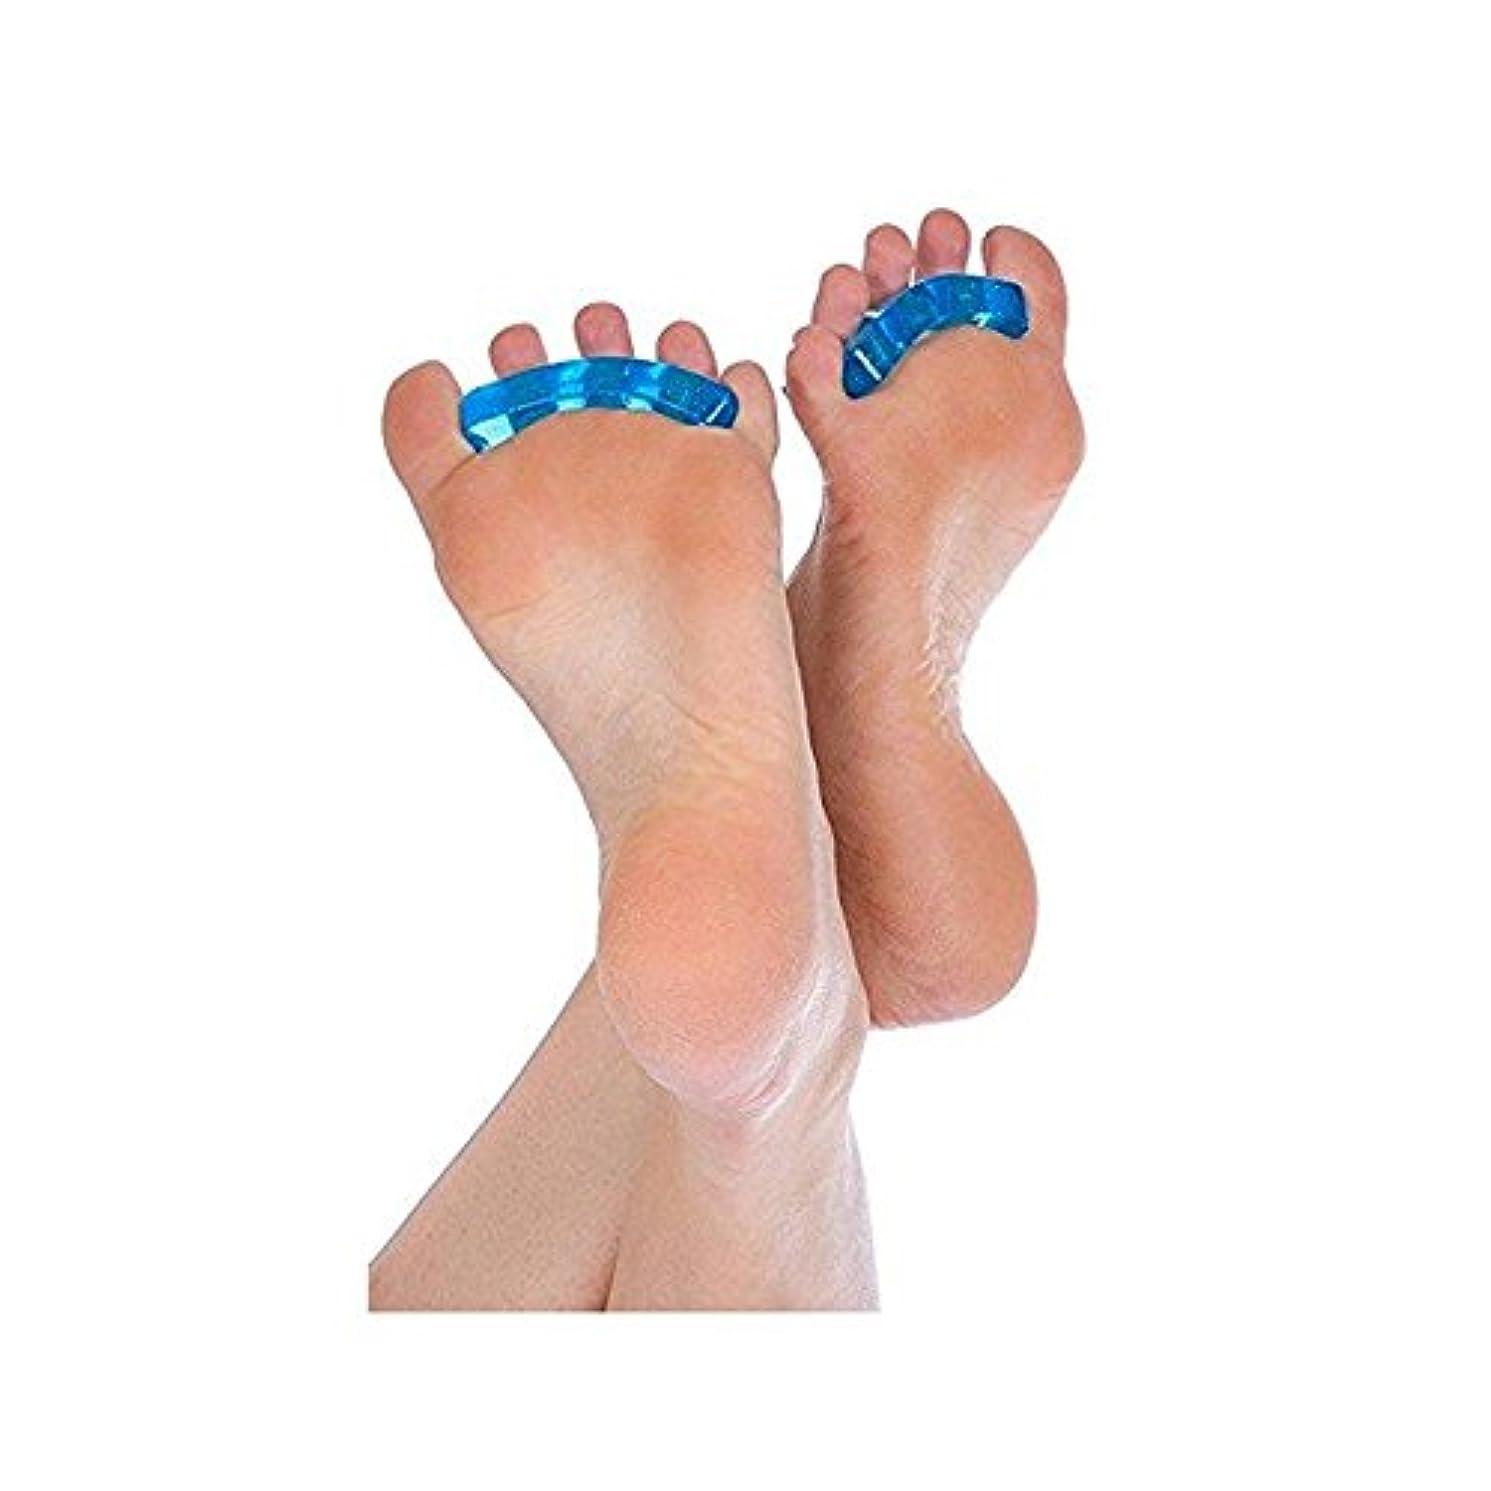 含める宝いちゃつく爪デバイダSEBS指の爪セパレータパッド分離パッドネイル特別な分離ネイルツール6ペア